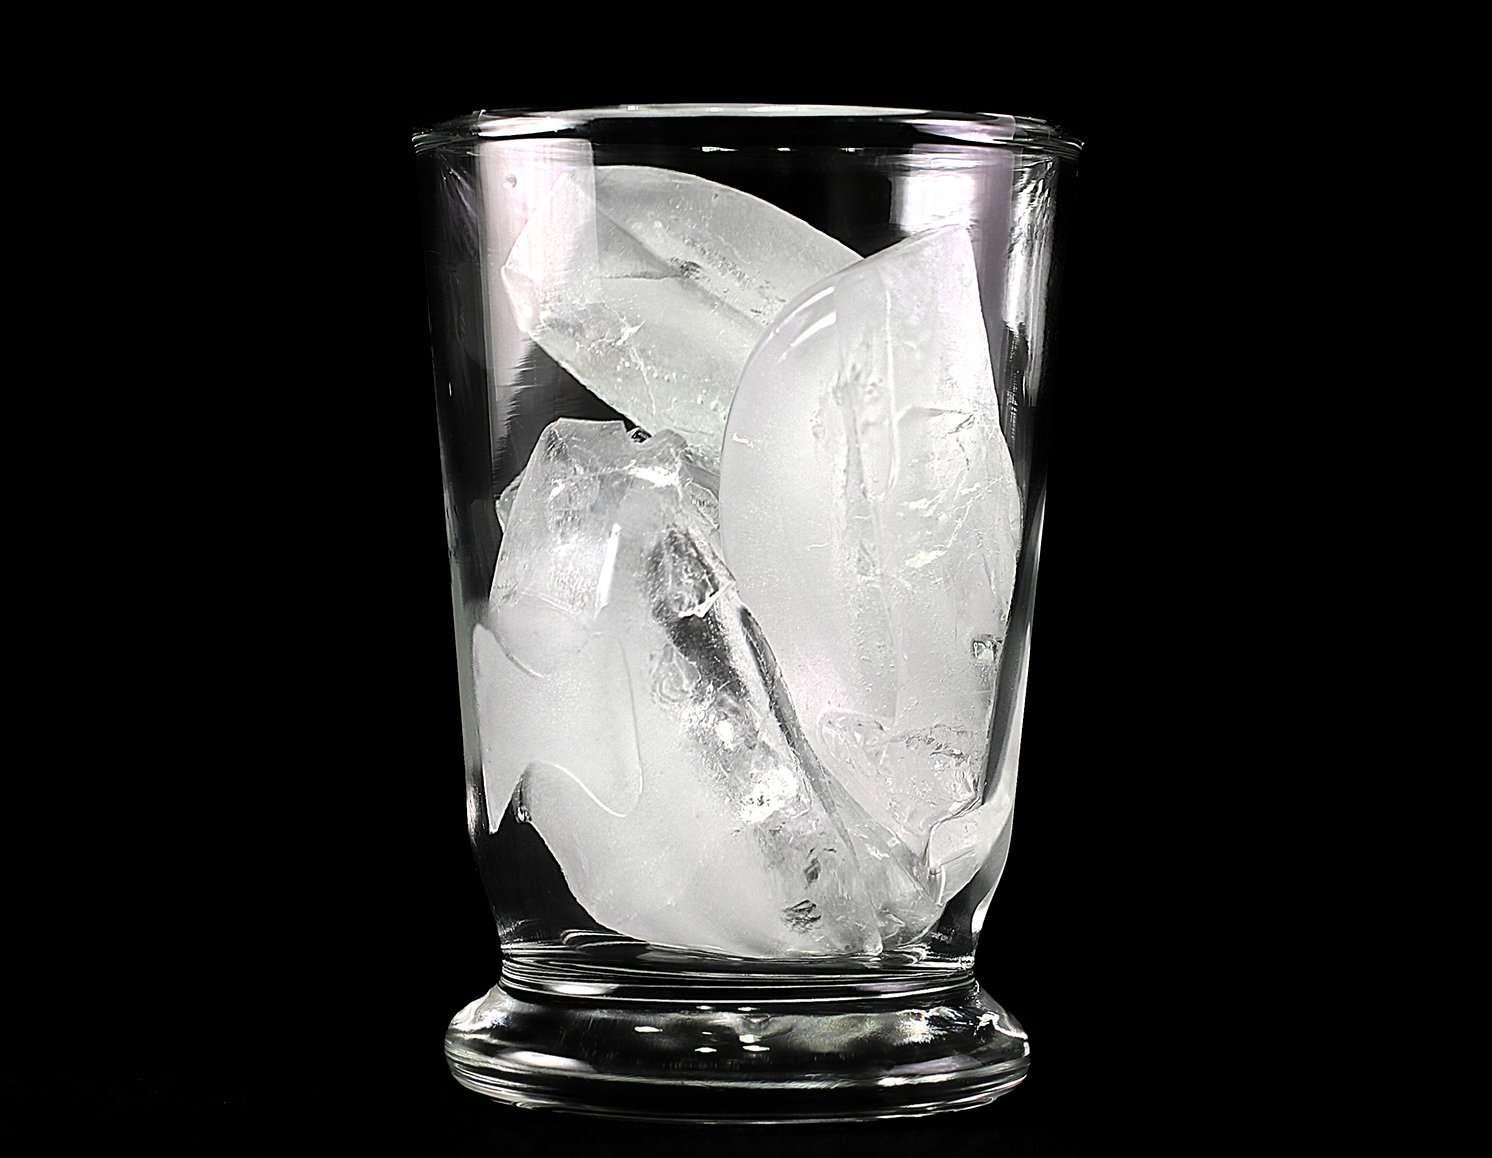 Des glaçons fondent dans un verre : cette évolution du système conduit à une augmentation du désordre, c'est-à-dire de l'entropie. © jeffsmallwood / Flickr - Licence Creative Commons (by-nc-sa 2.0)